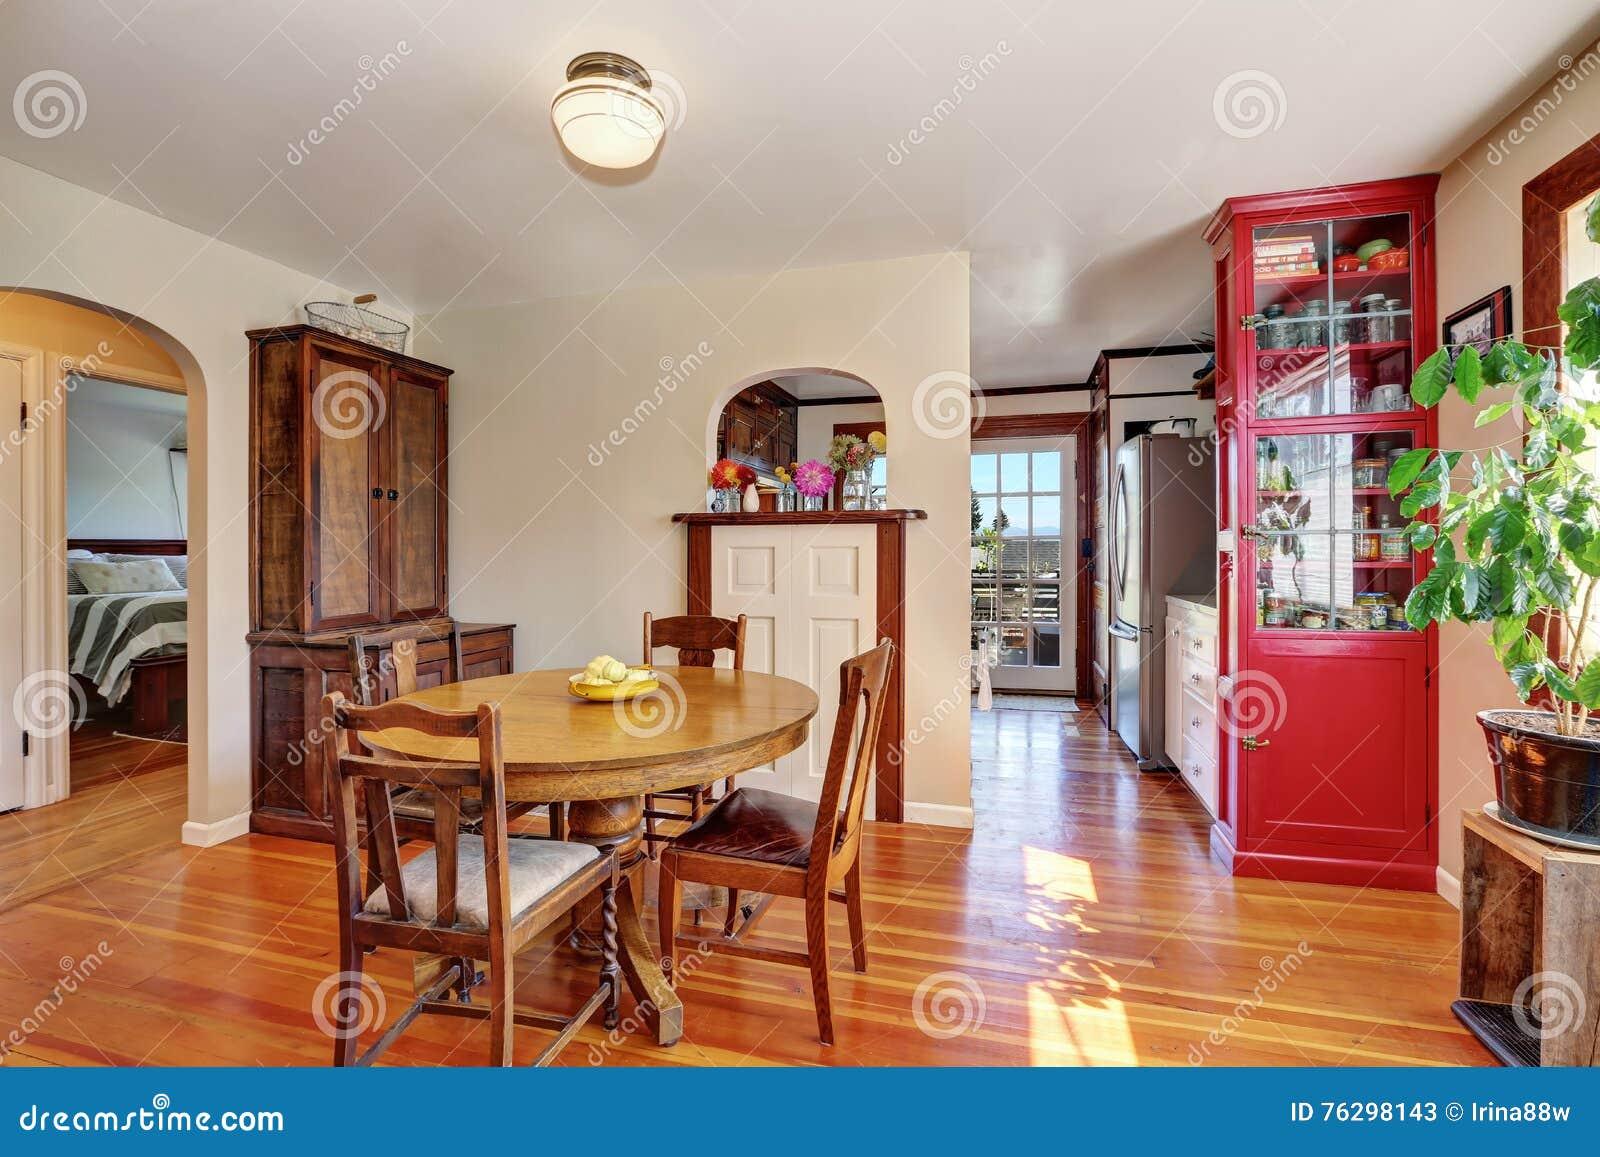 Viejo Interior De La Casa Comedor Con Muebles Antiguos Imagen de ...